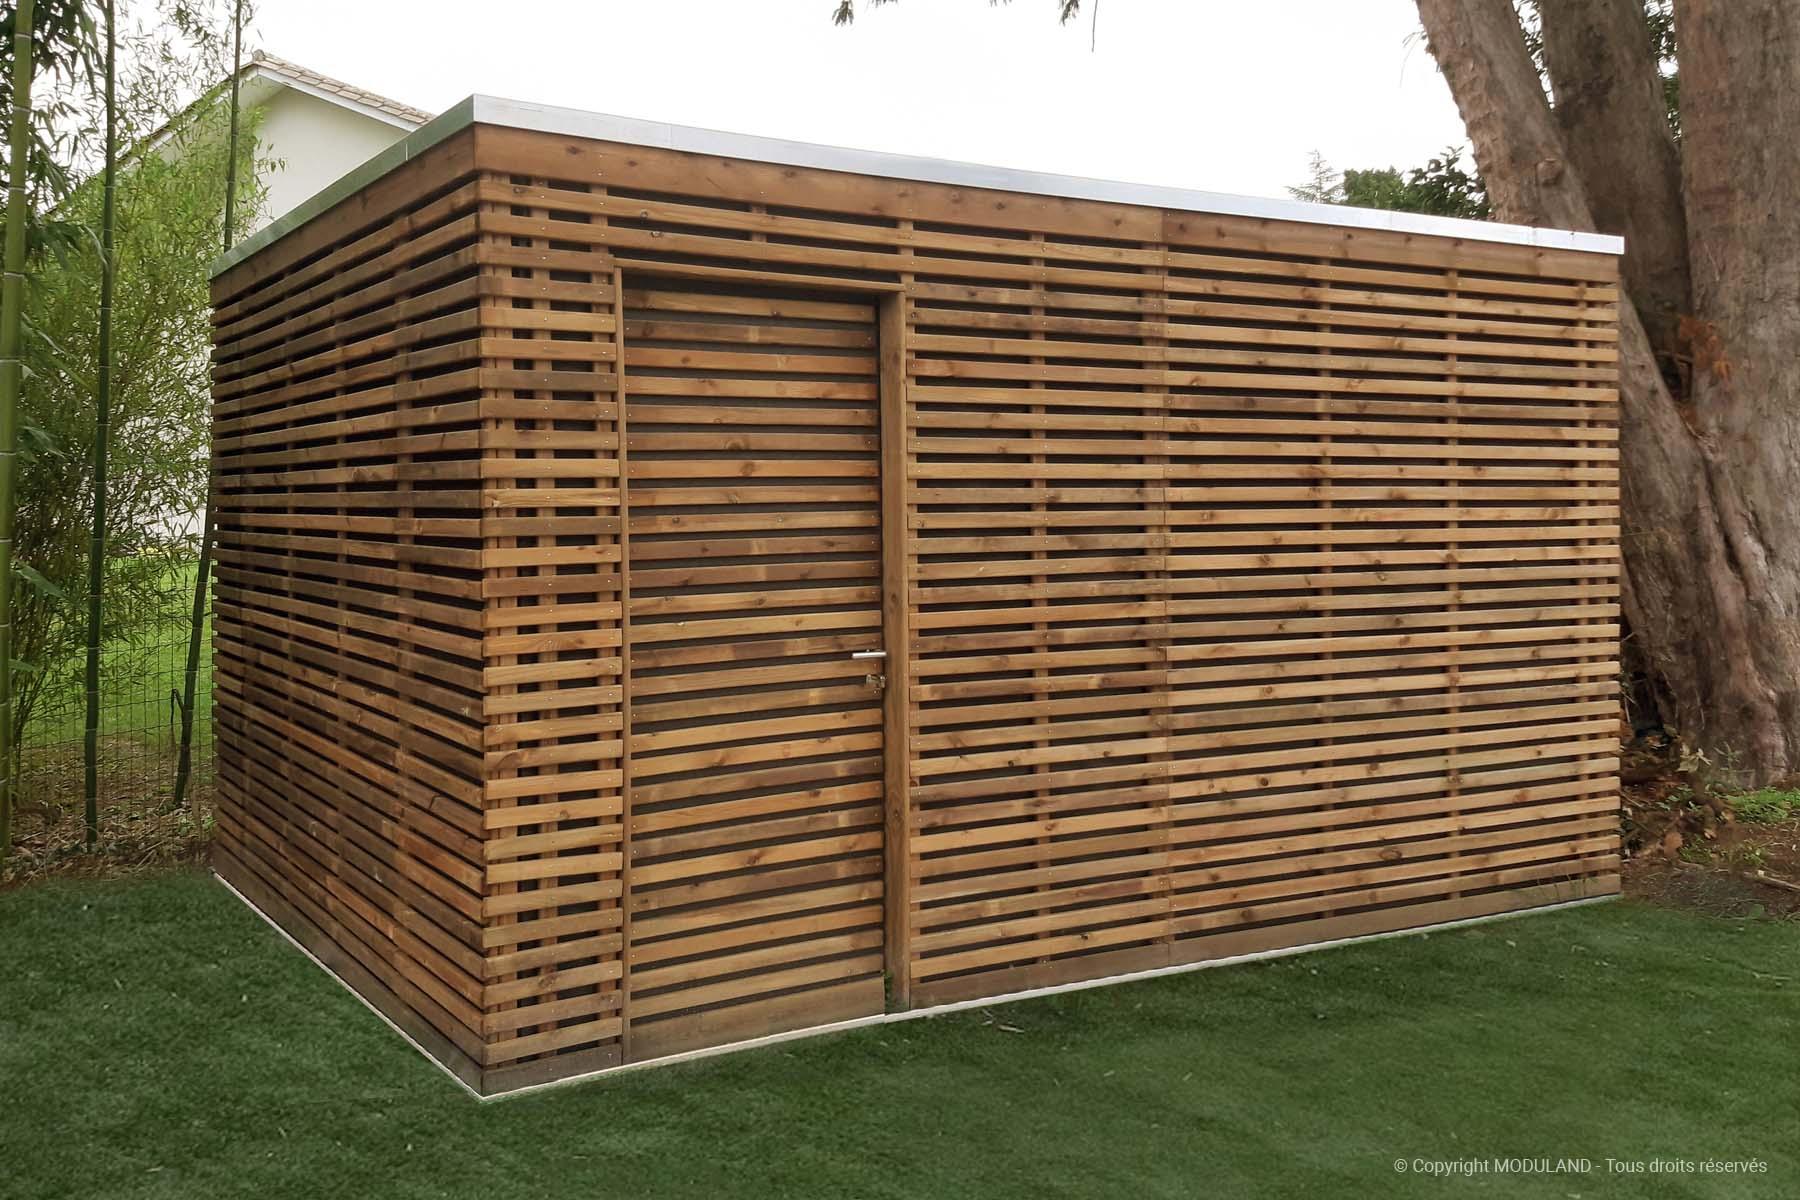 Fabricant D'abris Et Structures Bois Sur Mesure | Moduland dedans Abris De Jardin 20M2